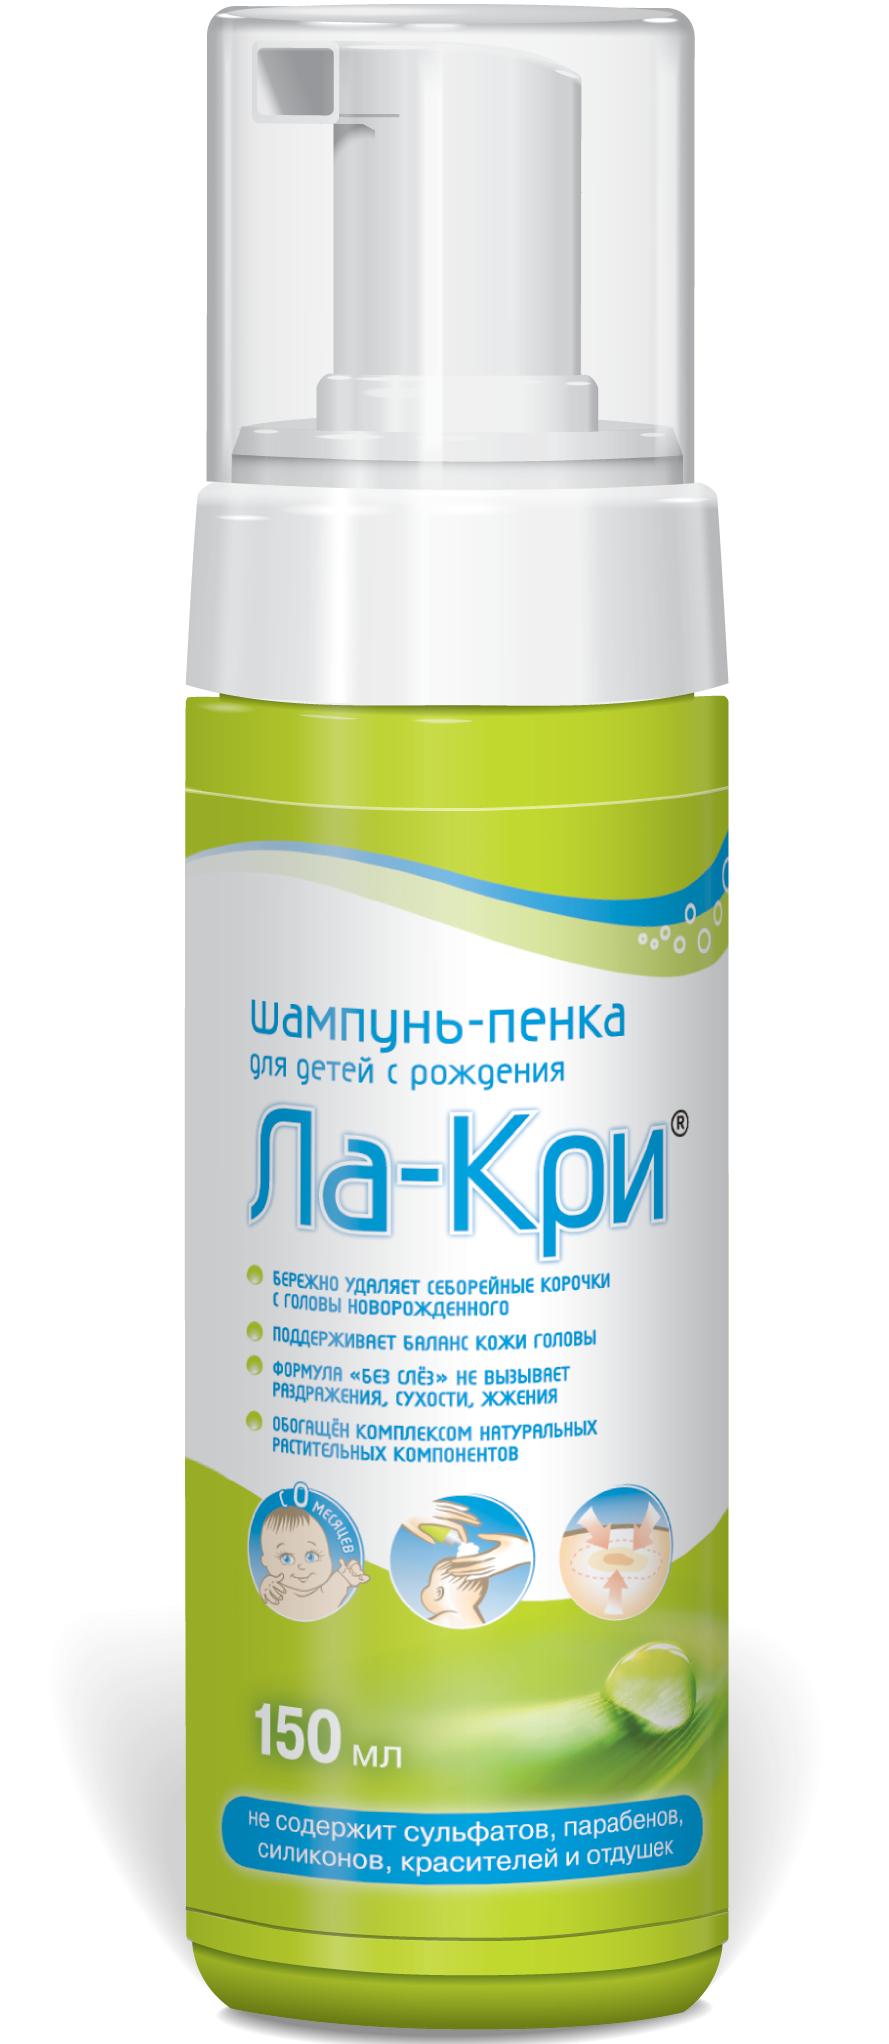 detskaya-penka-shampun